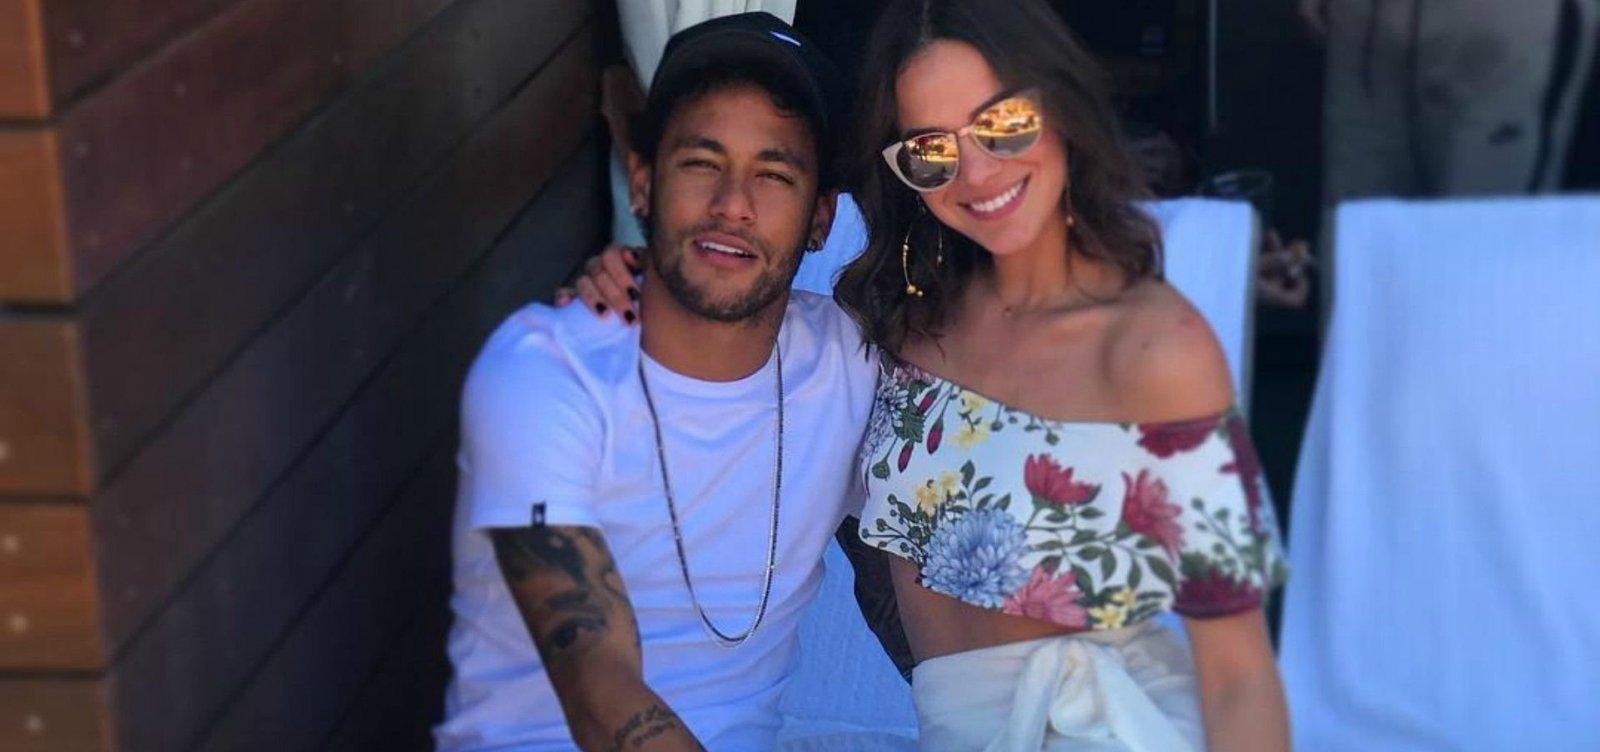 Após rumores, Bruna Marquezine confirma término com Neymar